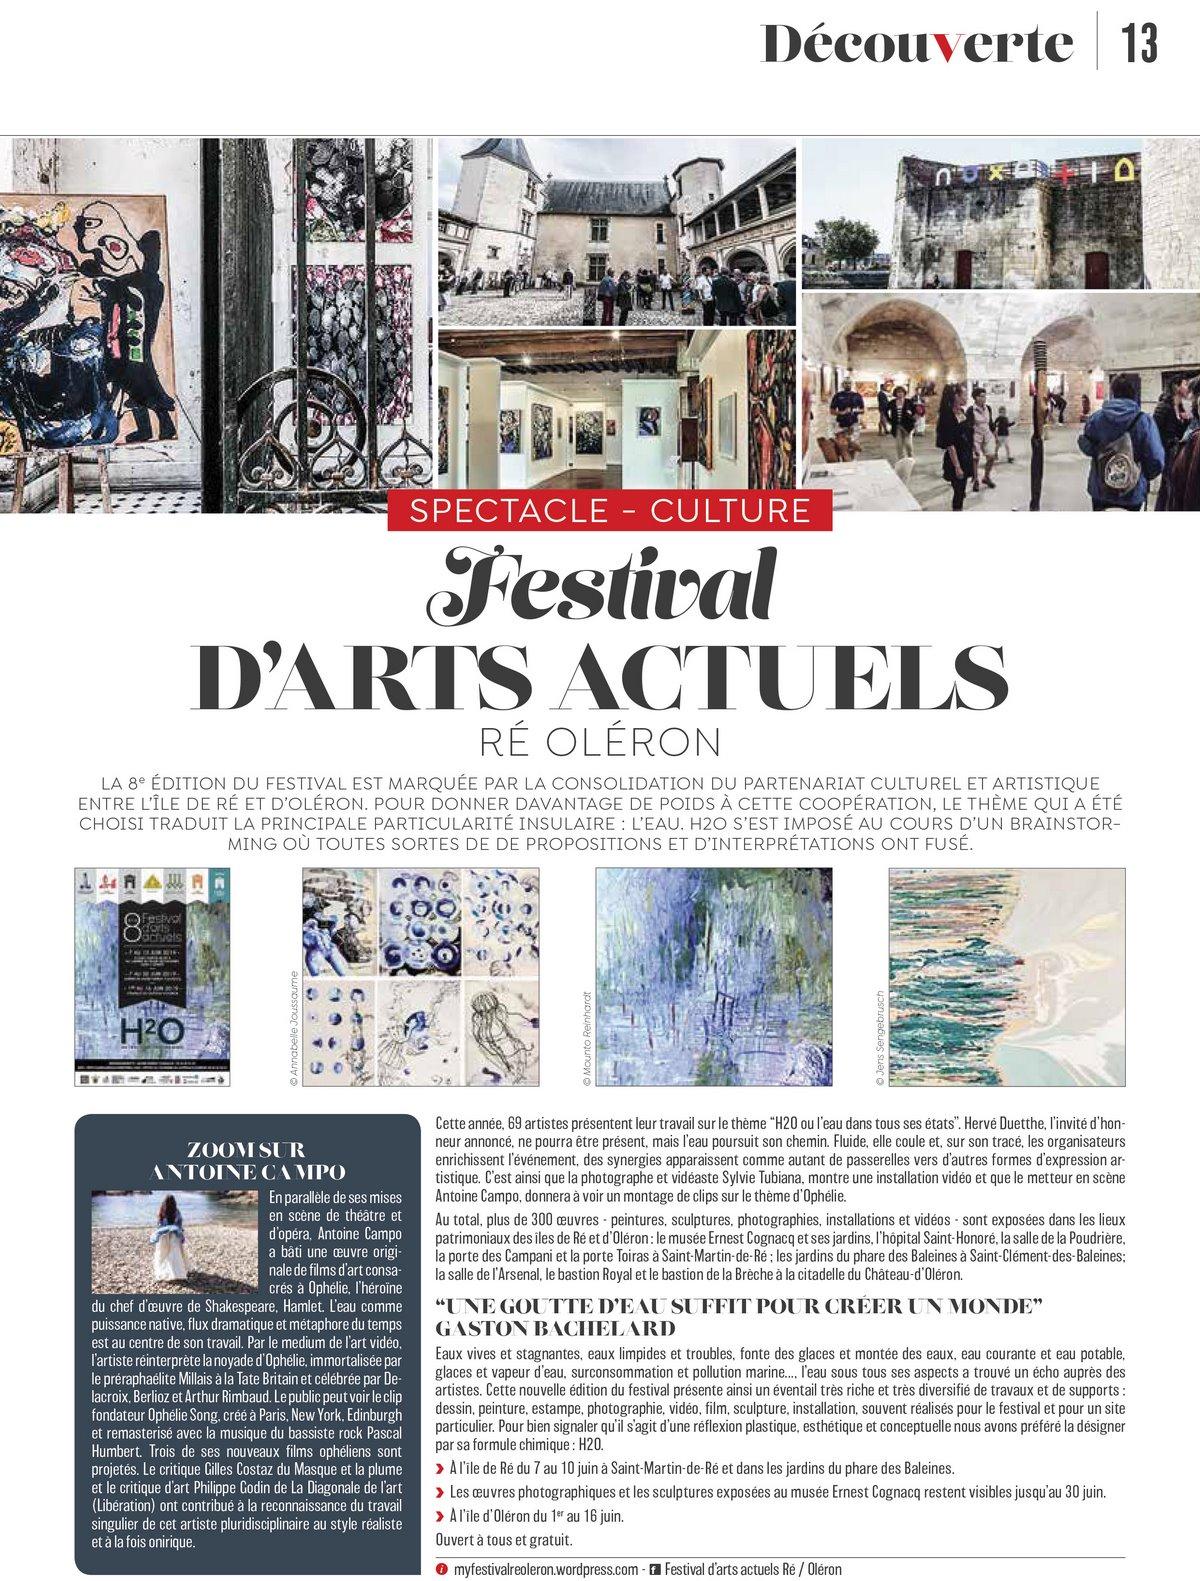 Festival d'Arts Actuels Ré Oléron Ici Magazine, juin 2019